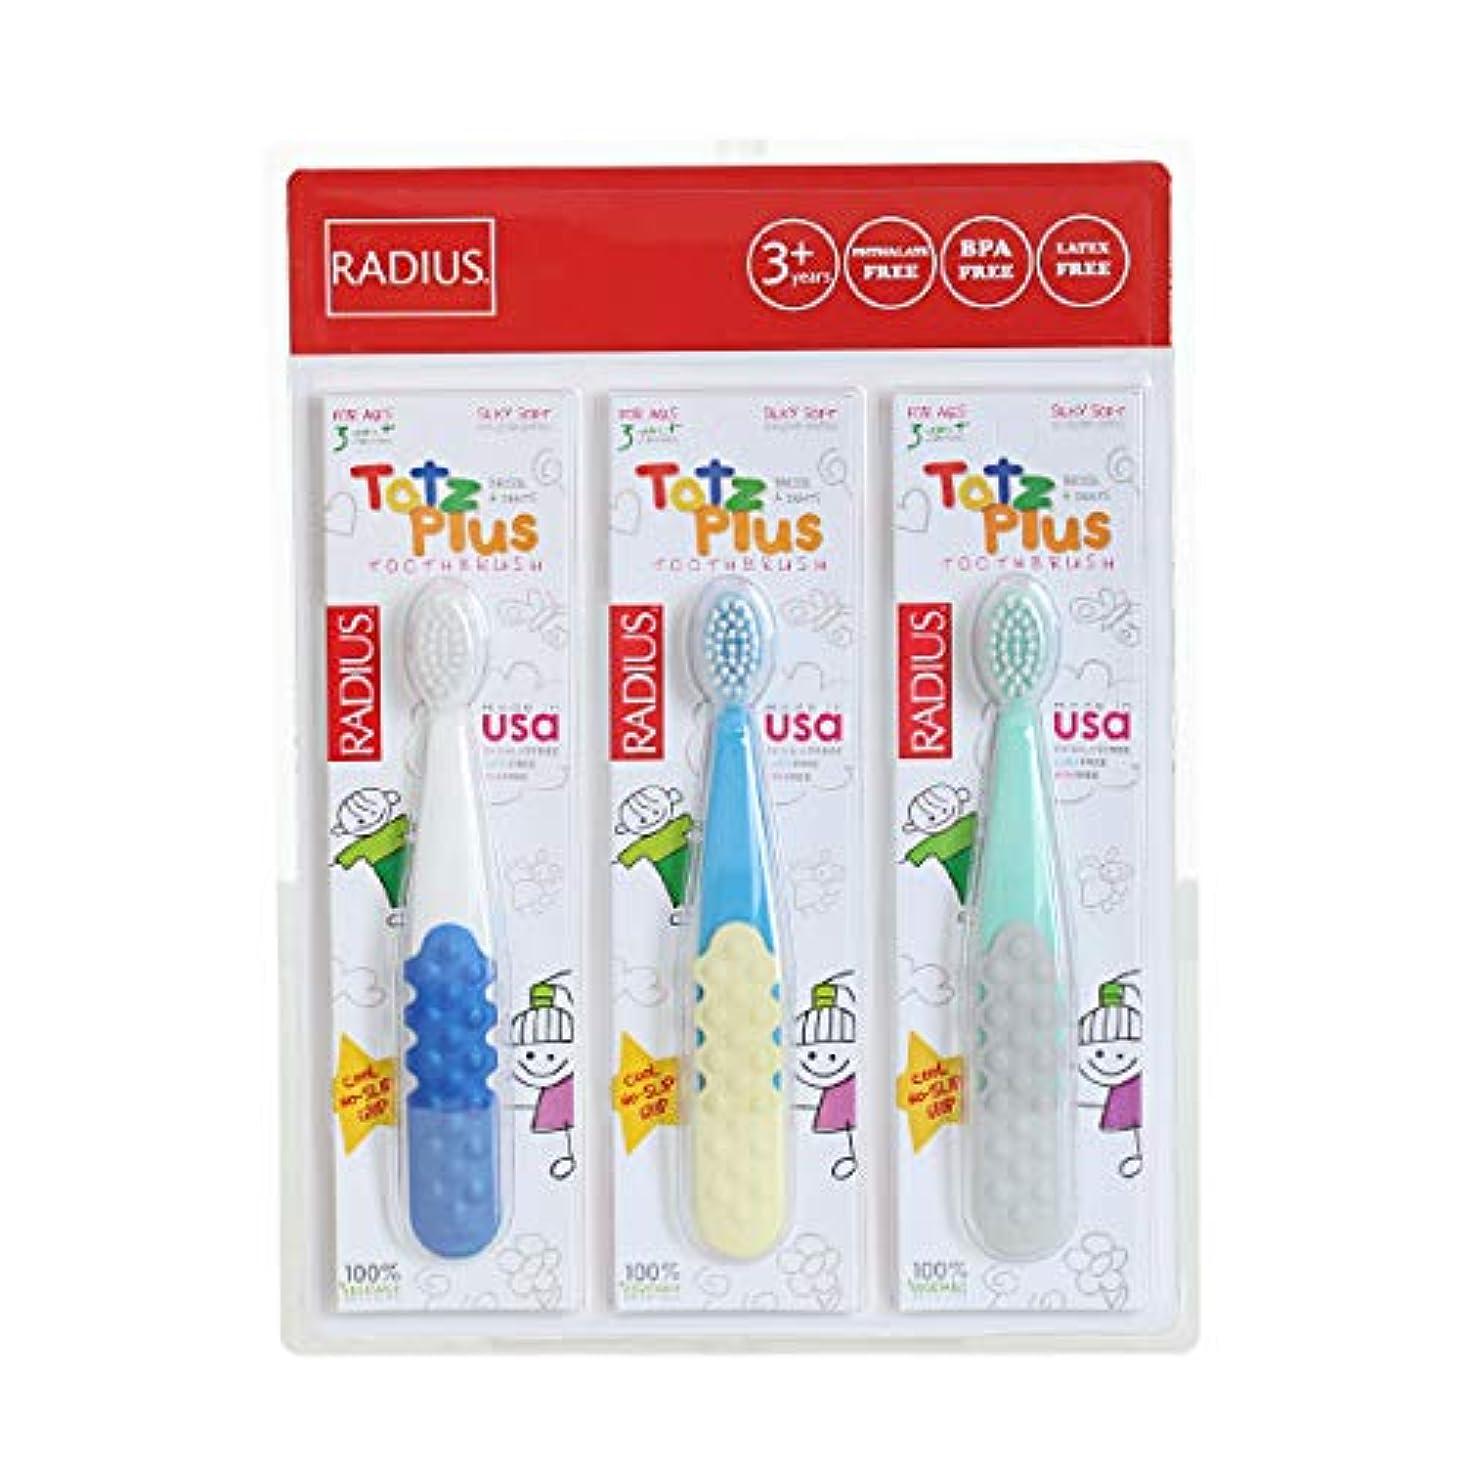 意外線はげラディウス Totz Plus Toothbrush 歯ブラシ, 3年+ シルキーソフト, 100% 野菜剛毛 3パック [並行輸入品]